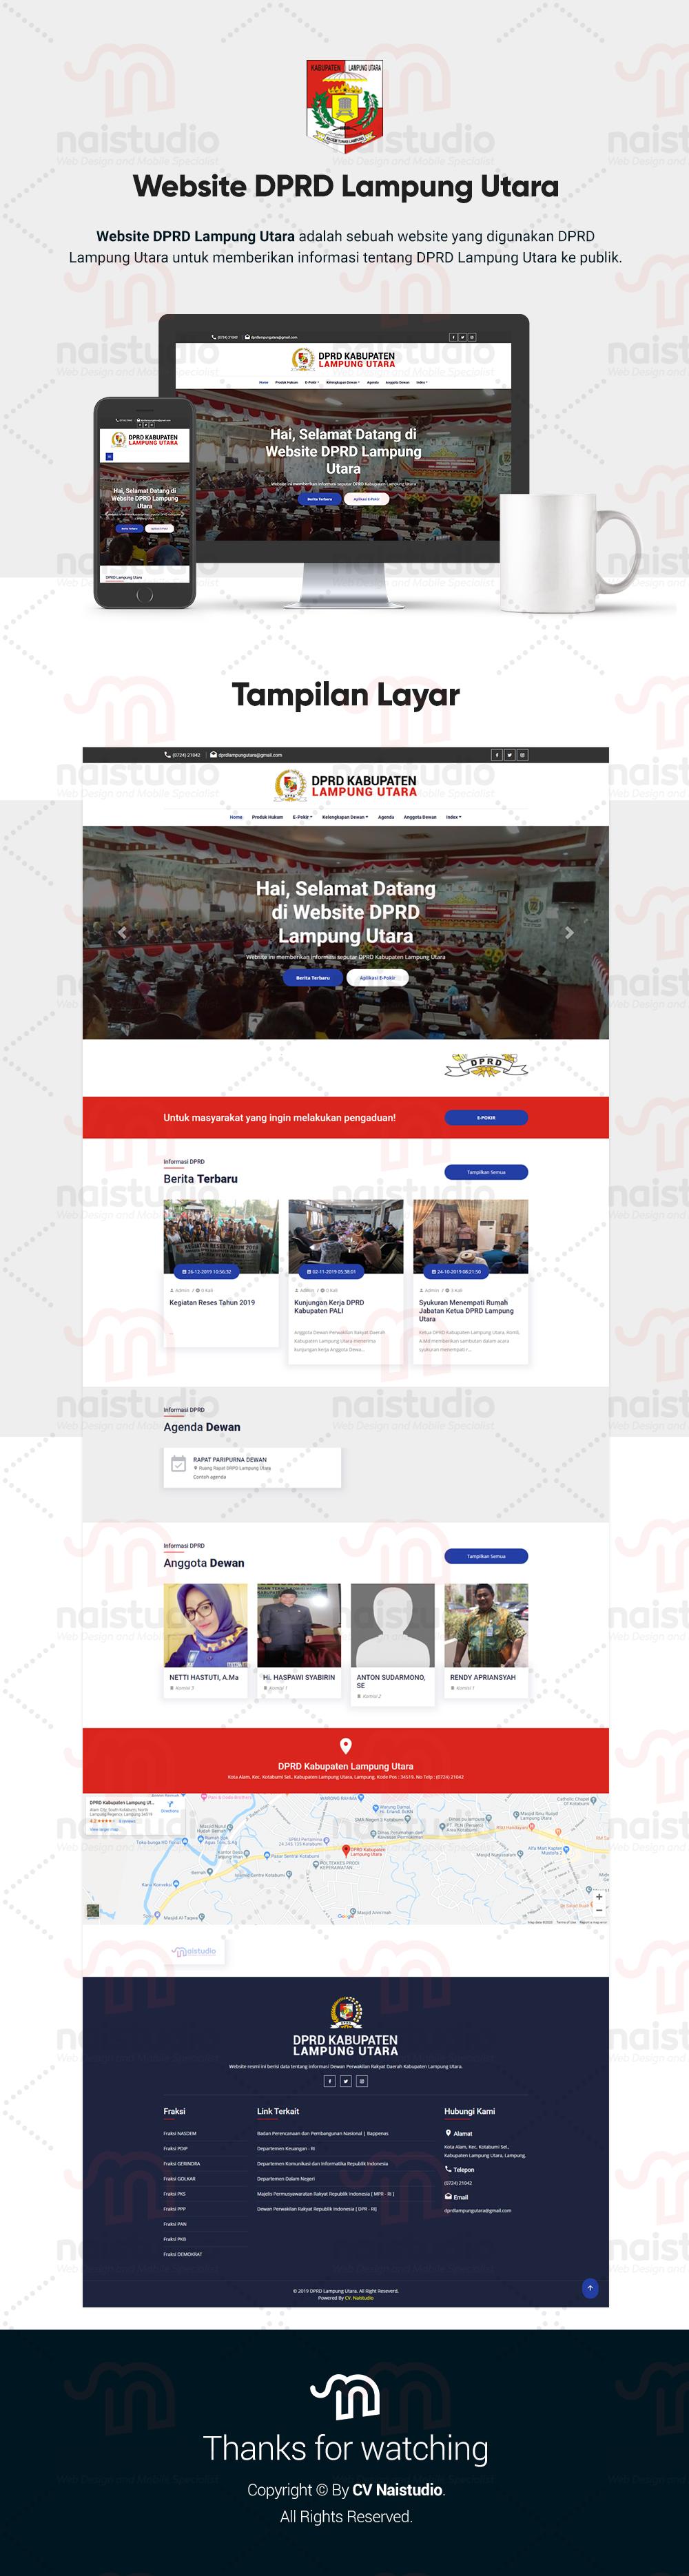 Website Official DPRD Lampung Utara